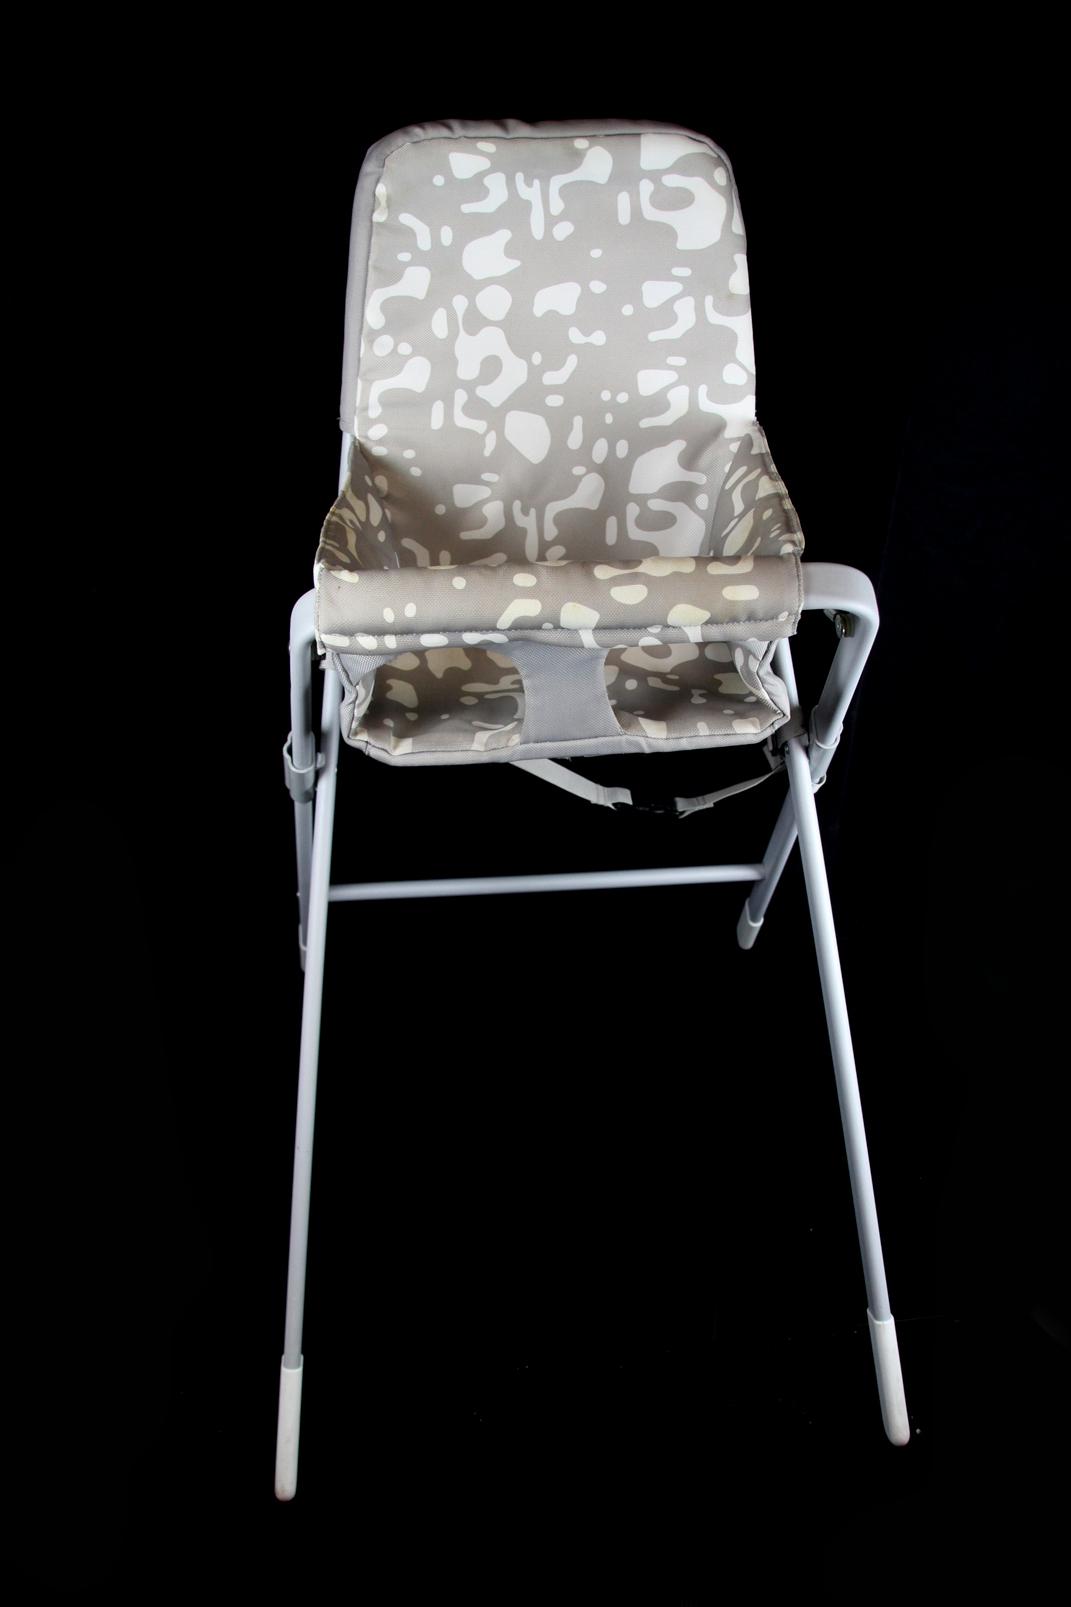 Full Size of Liegestuhl Klappbar Holz Ikea Hochstuhl Essen 8854326 Gebraucht Bett Ausklappbar Sofa Mit Schlaffunktion Küche Kosten Betten Bei Kaufen Garten Ausklappbares Wohnzimmer Liegestuhl Klappbar Ikea